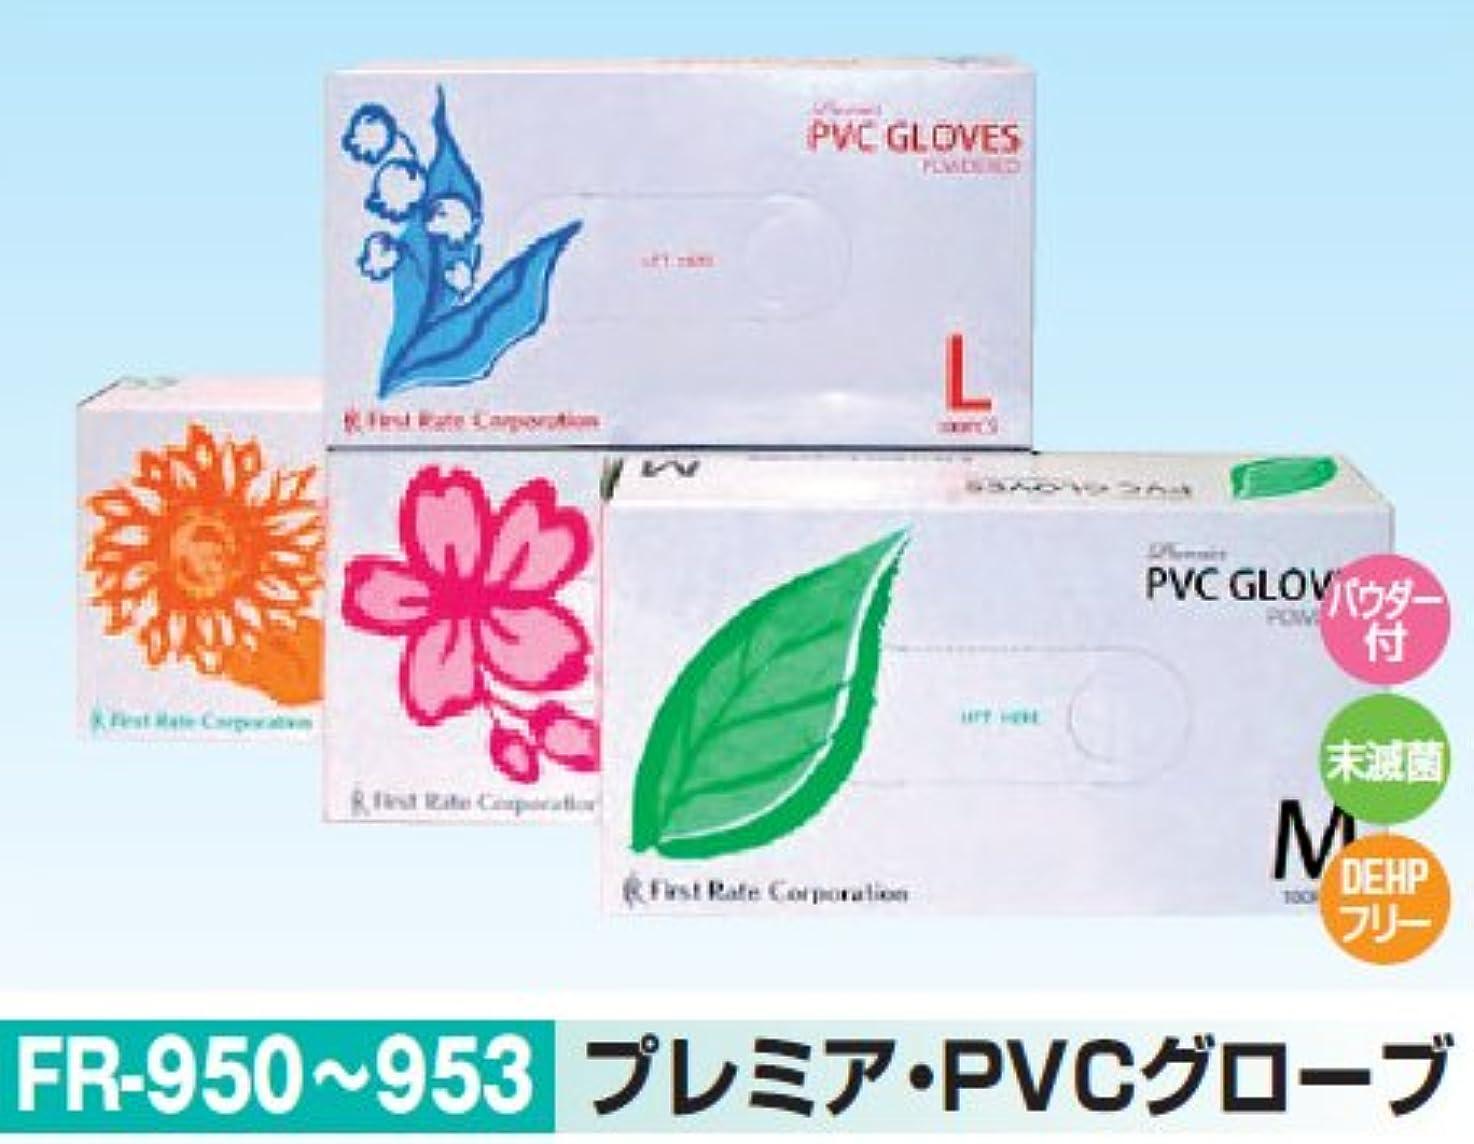 新鮮な通貨相関するプレミア?PVCグローブ Sサイズ 100枚 FR-951 使い捨て手袋、パウダー付き高伸縮性プラスチックグローブ